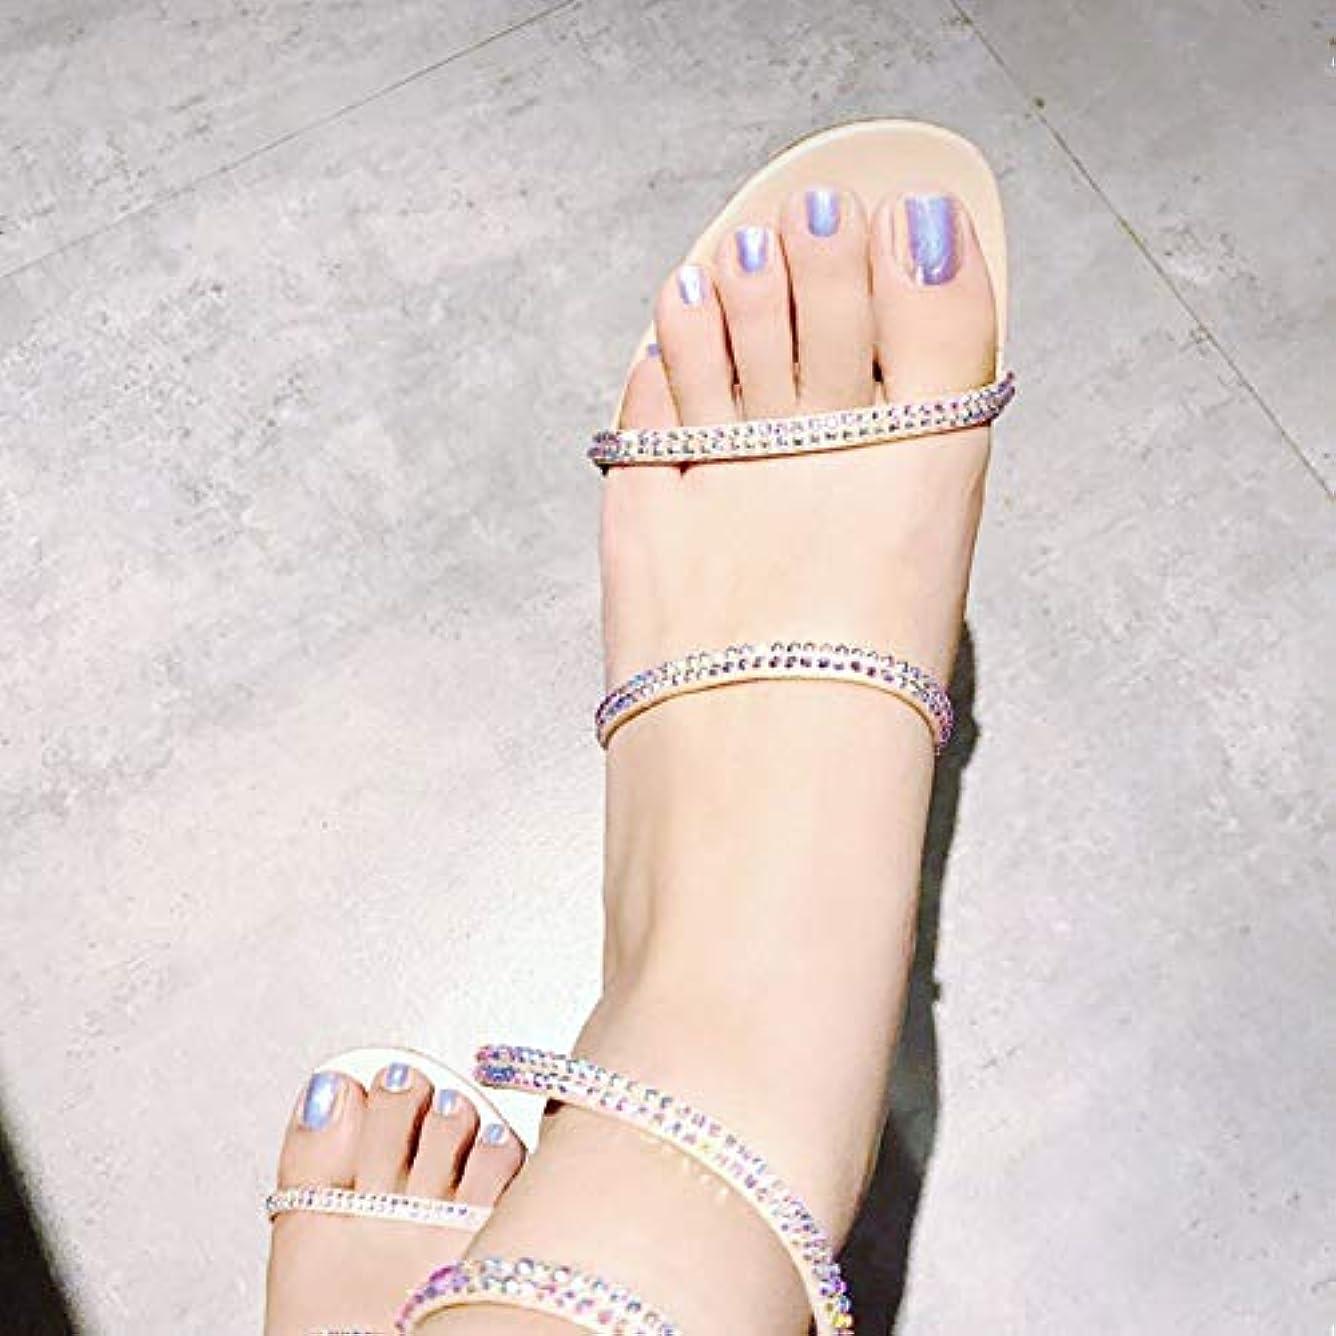 傾向乳剤方言足用24枚 純色 真珠光沢ネイルチップ 金属光の付け爪 手作りネイルチップ ネイルジュエリー つけ爪 シンプル 両面接着テープ付き 結婚式、パーティー、二次会など